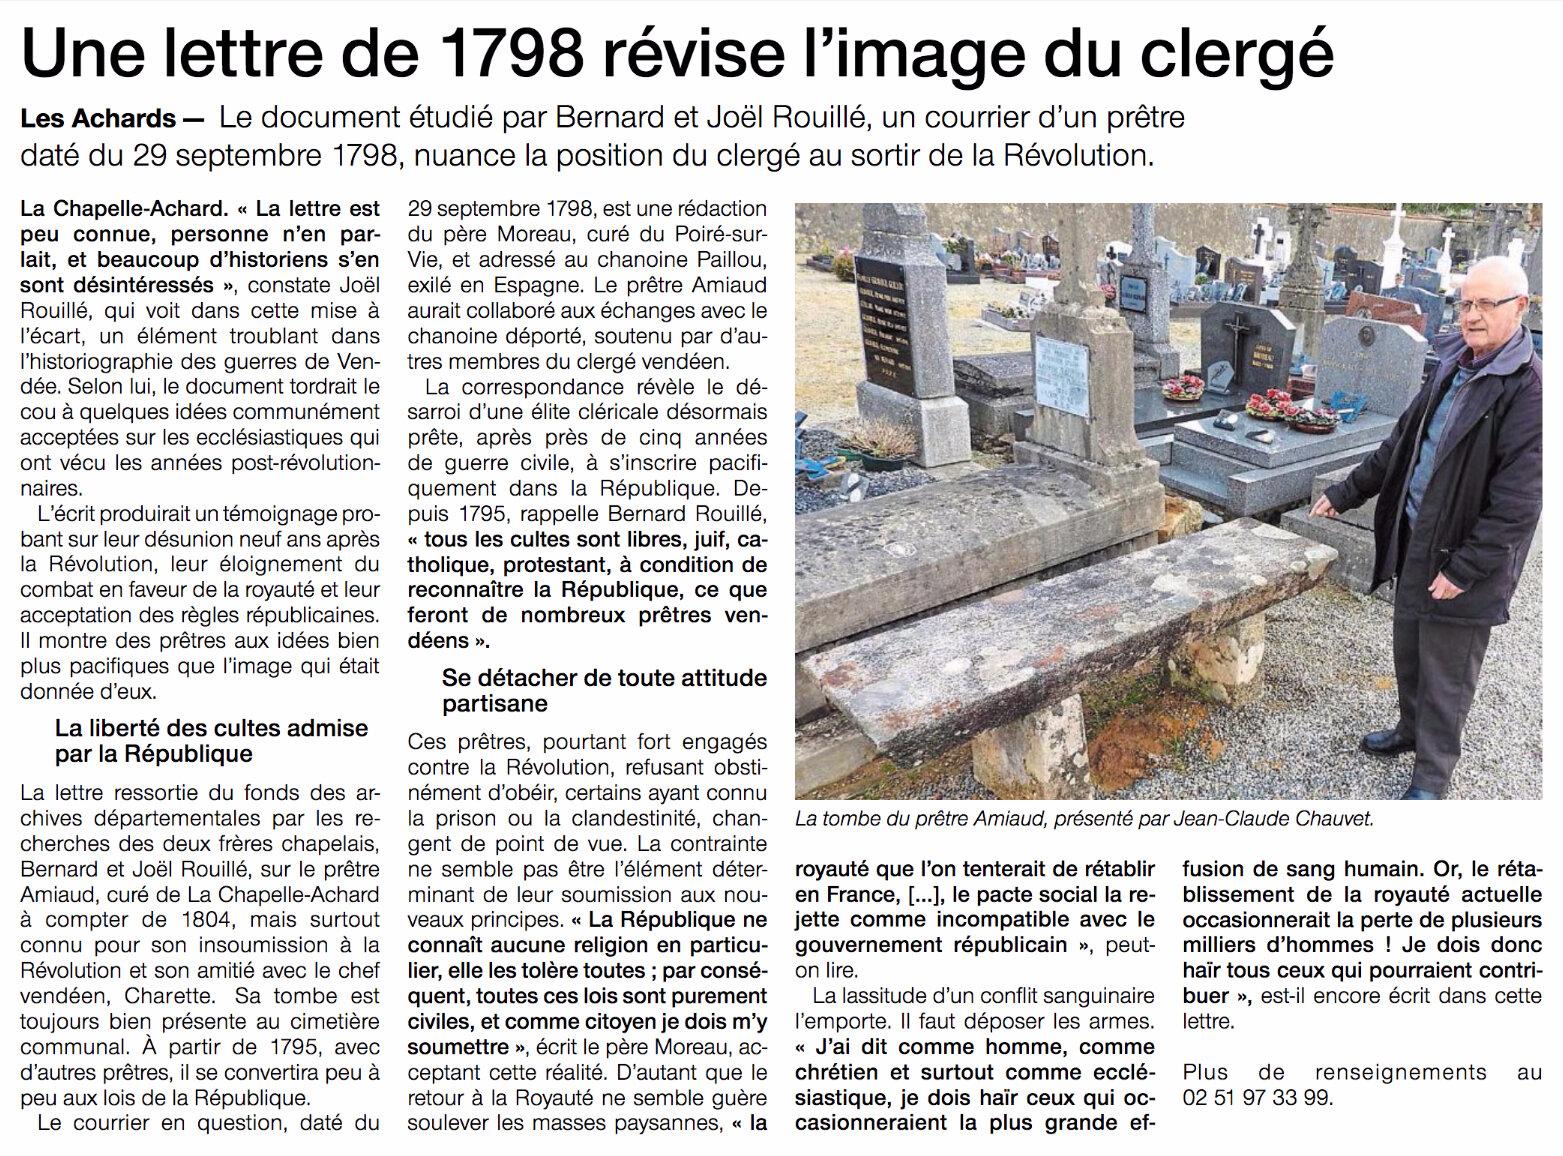 En 1798, le curé du Poiré-sur-Vie se soumet à la République